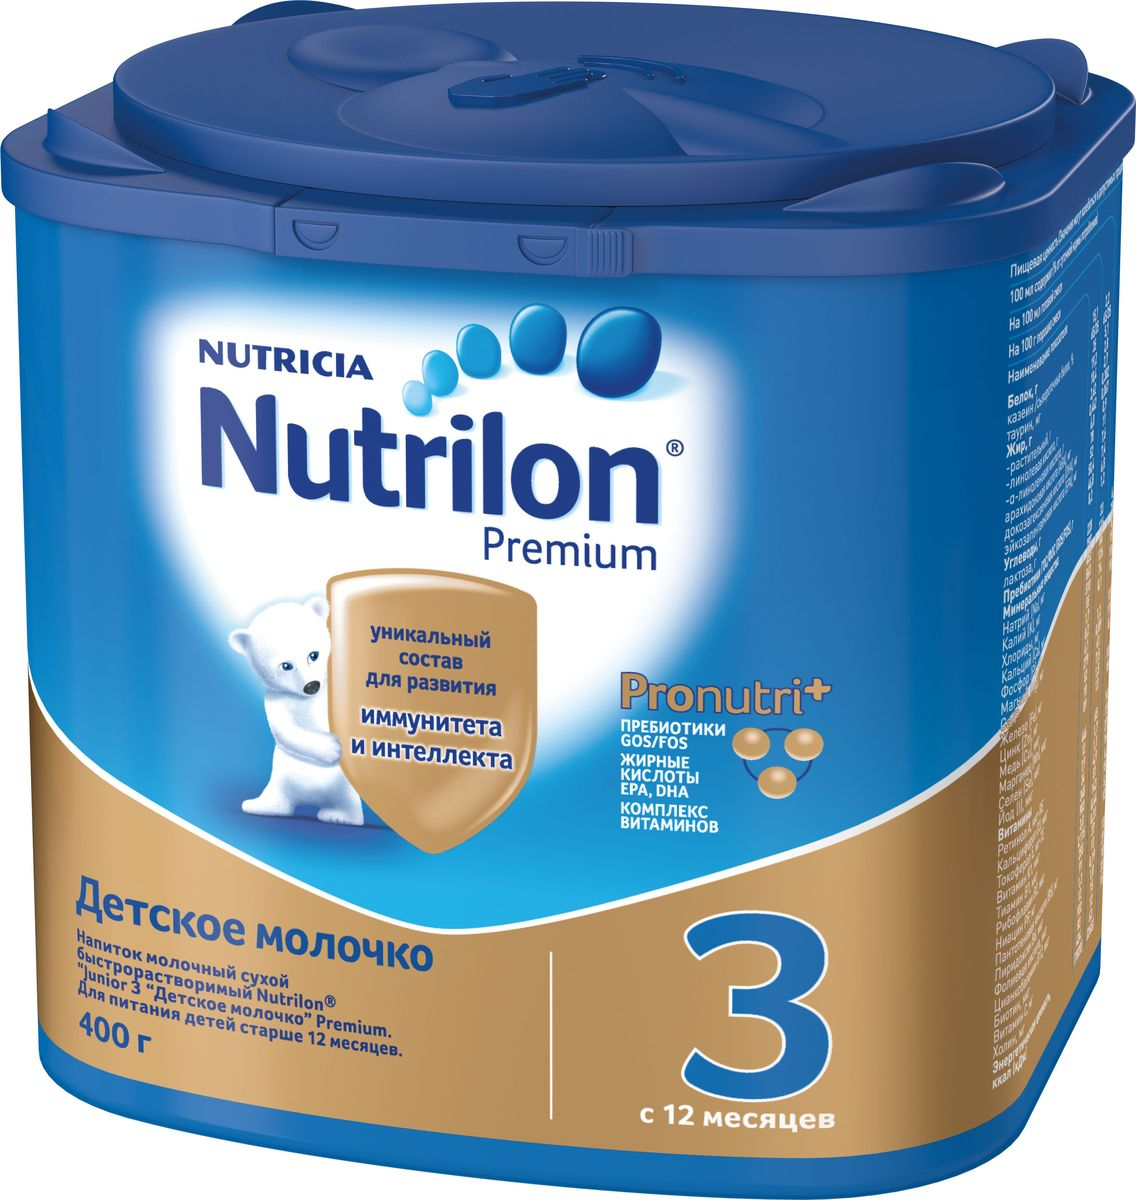 Nutrilon Джуниор Премиум 3 детское молочко PronutriPlus, с 12 месяцев, 400 г детское молочко малютка 4 с 18 мес 600 г